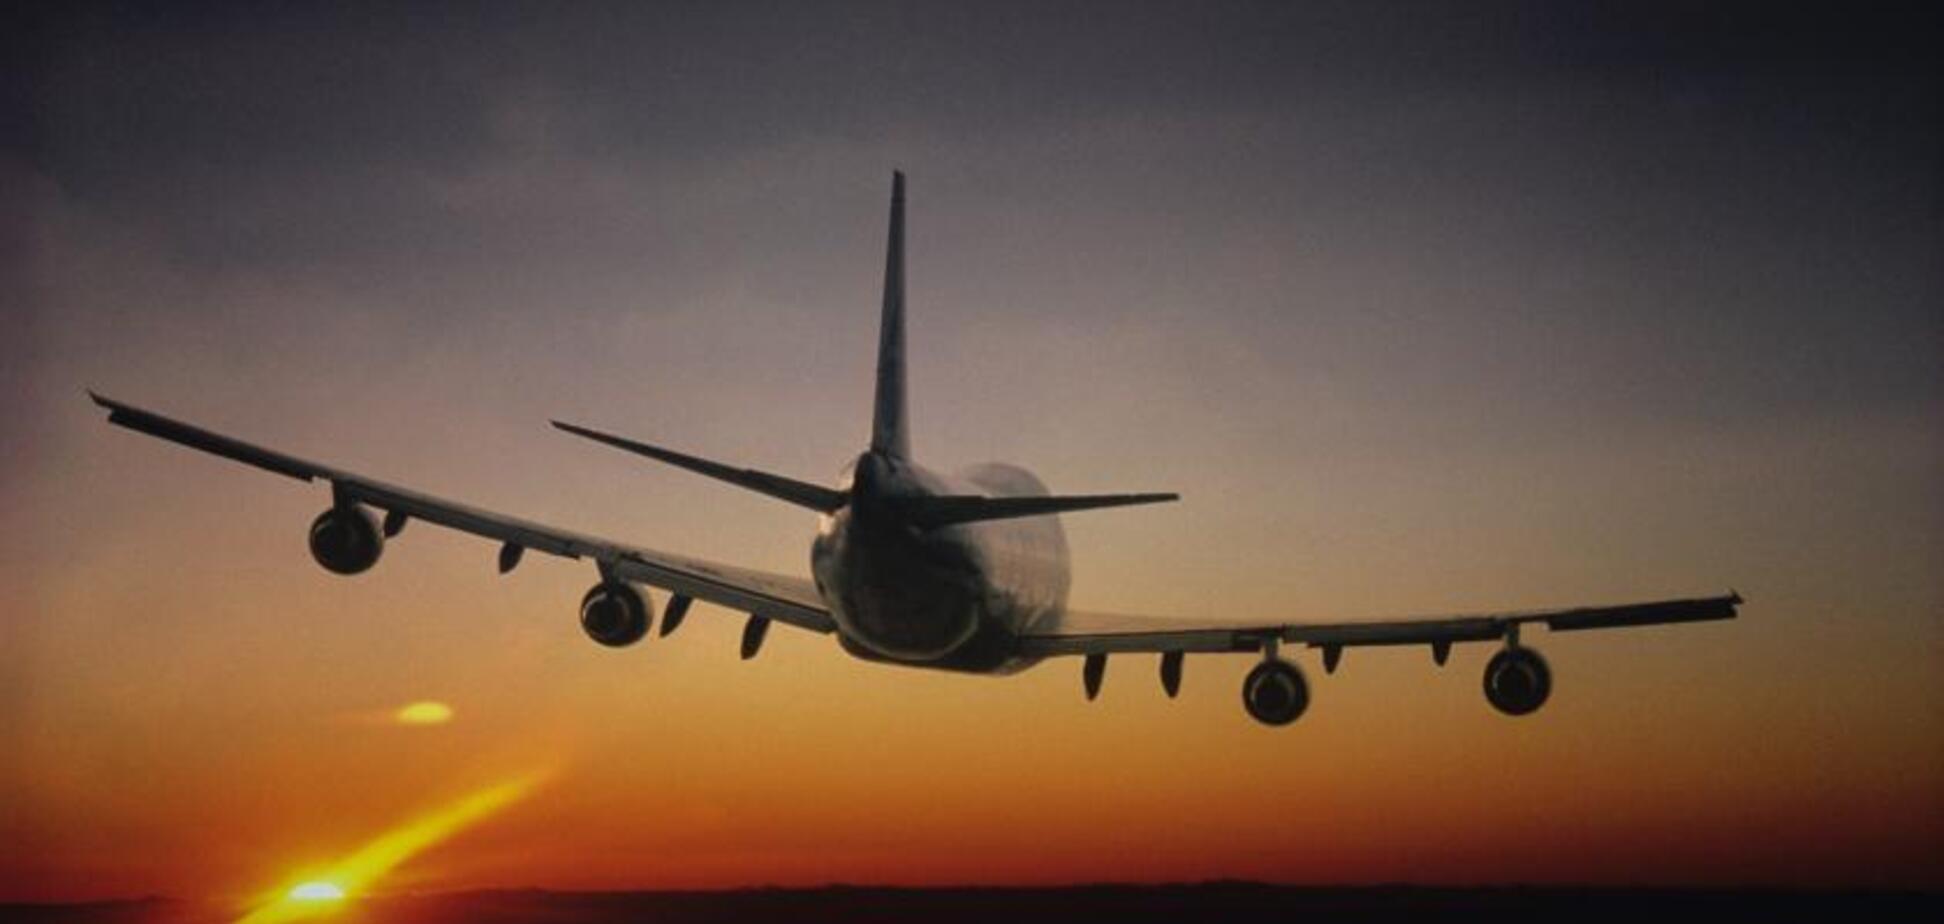 Екстрено сідав: в Івано-Франківську трапилася НП з пасажирським літаком